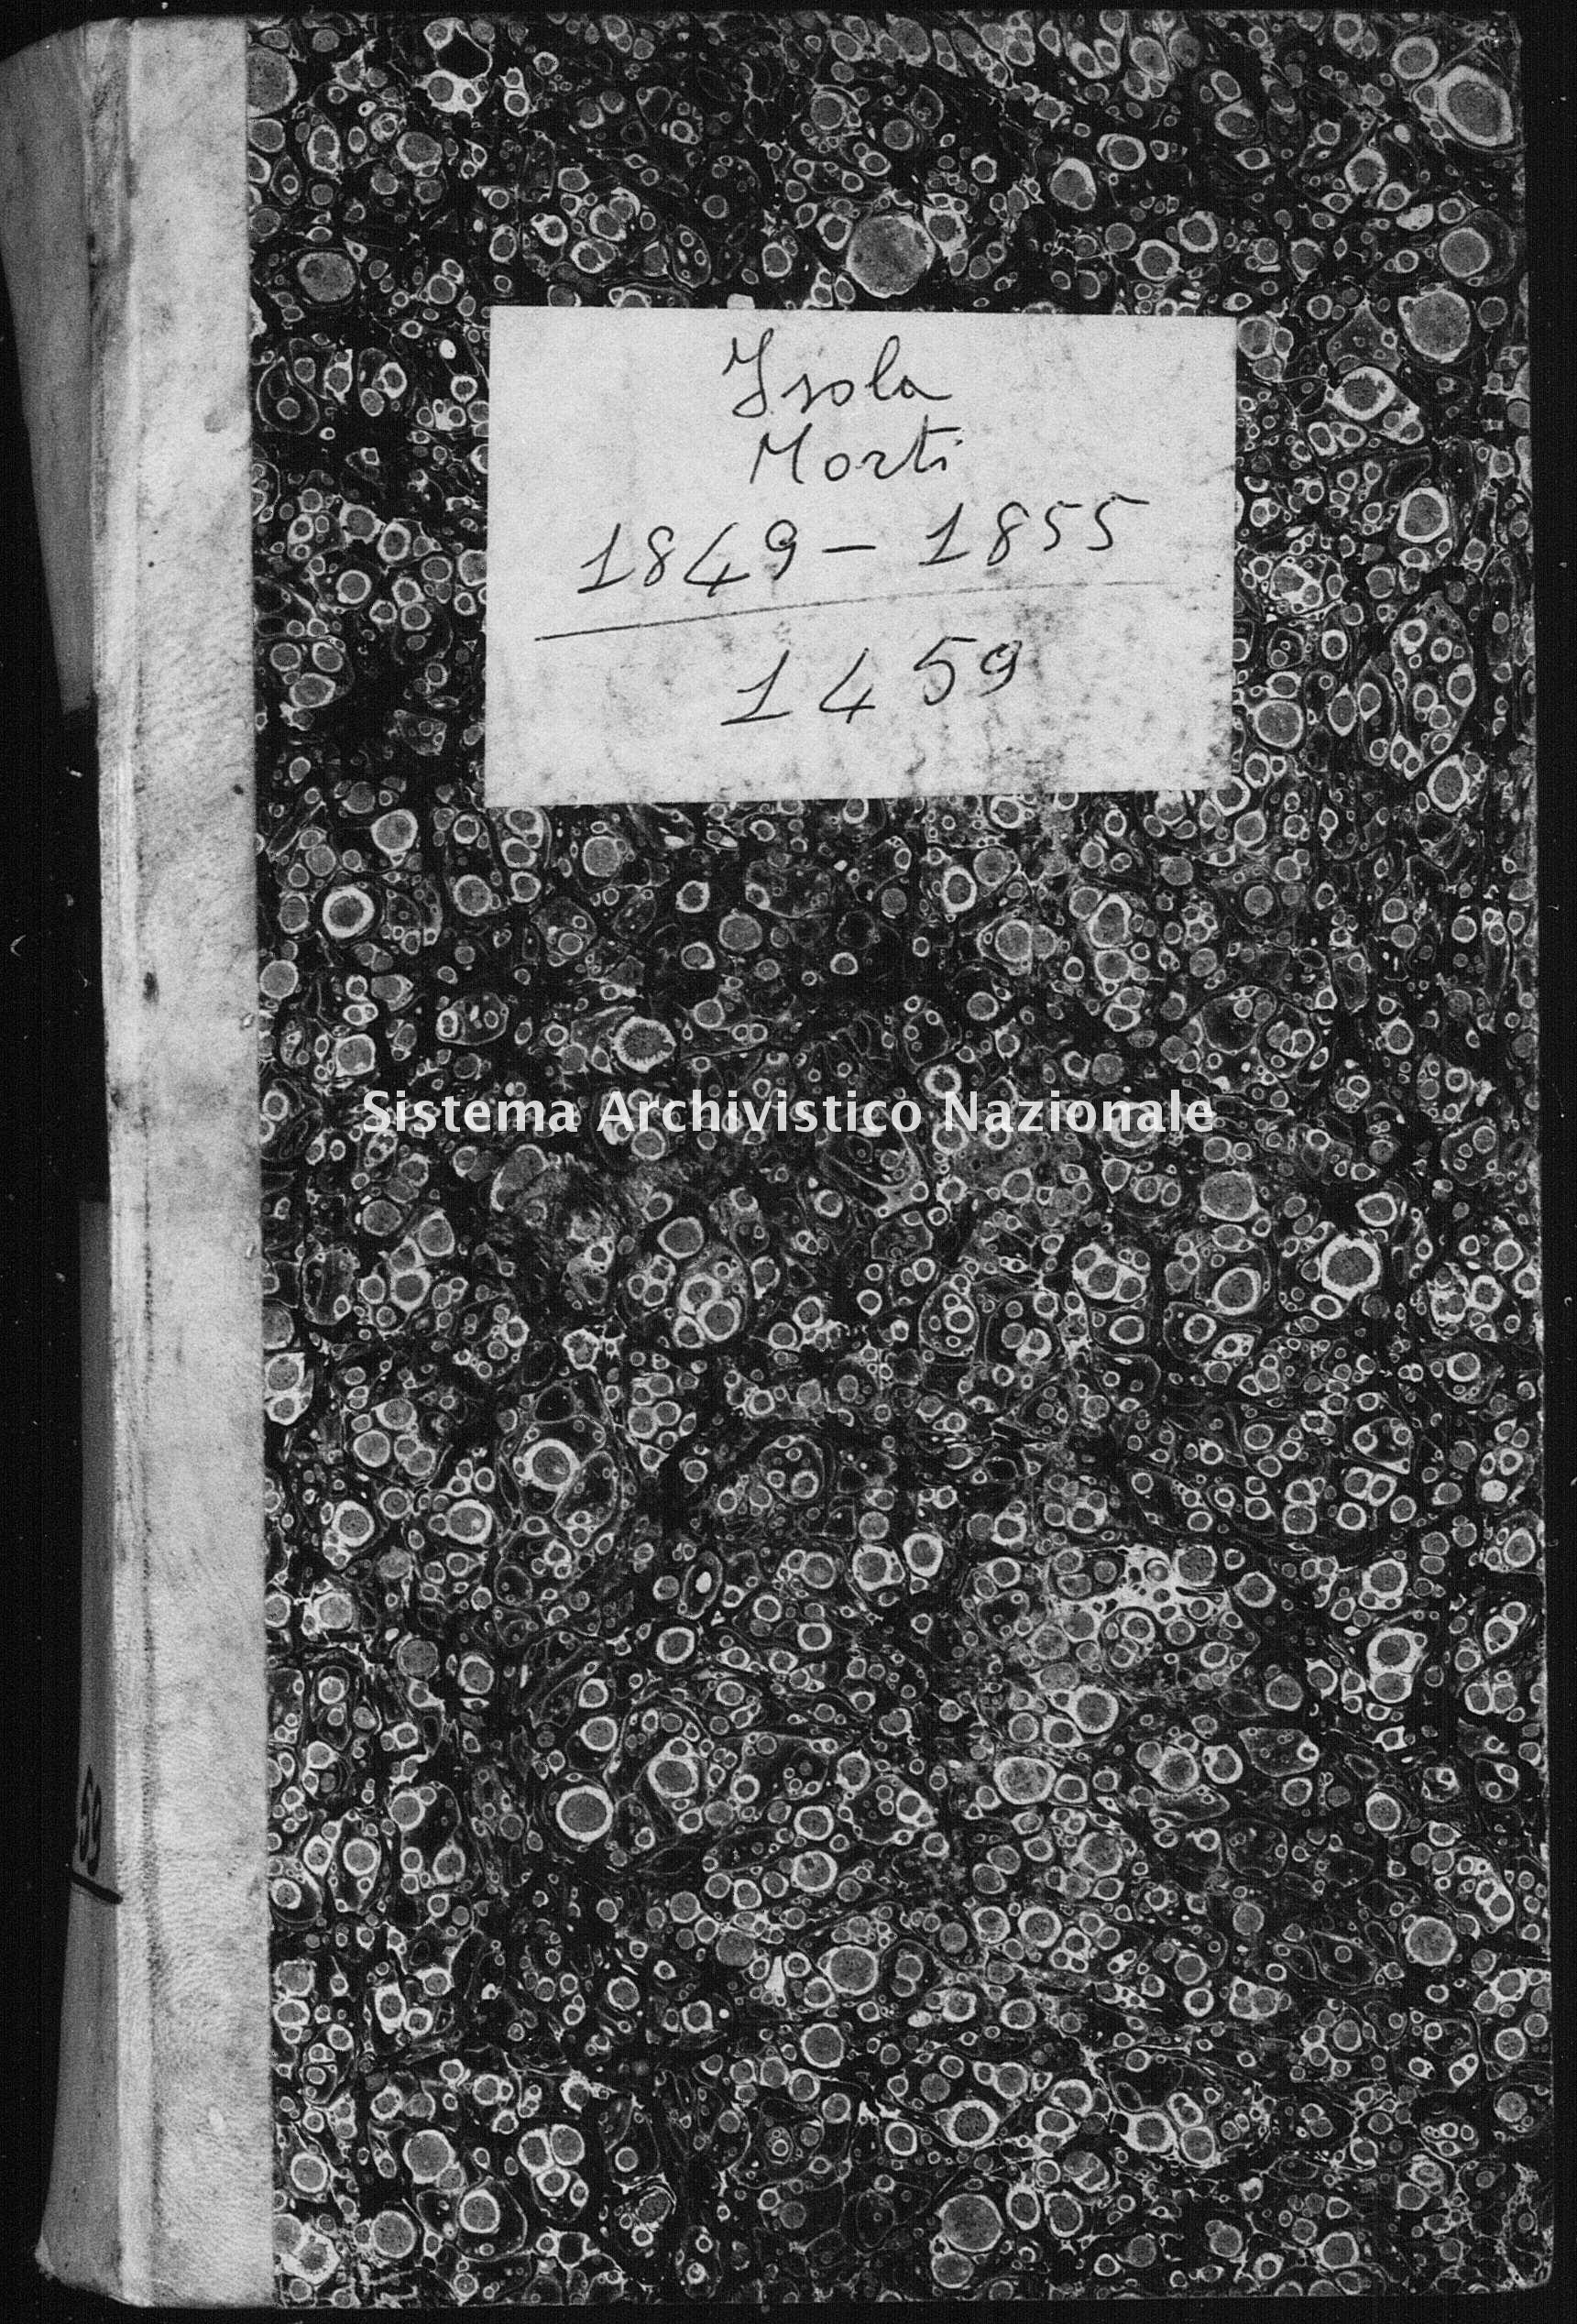 Archivio di stato di Catanzaro - Stato civile italiano - Isola Capo Rizzuto - Morti - 08/01/1849-21/12/1849 - 1459 -